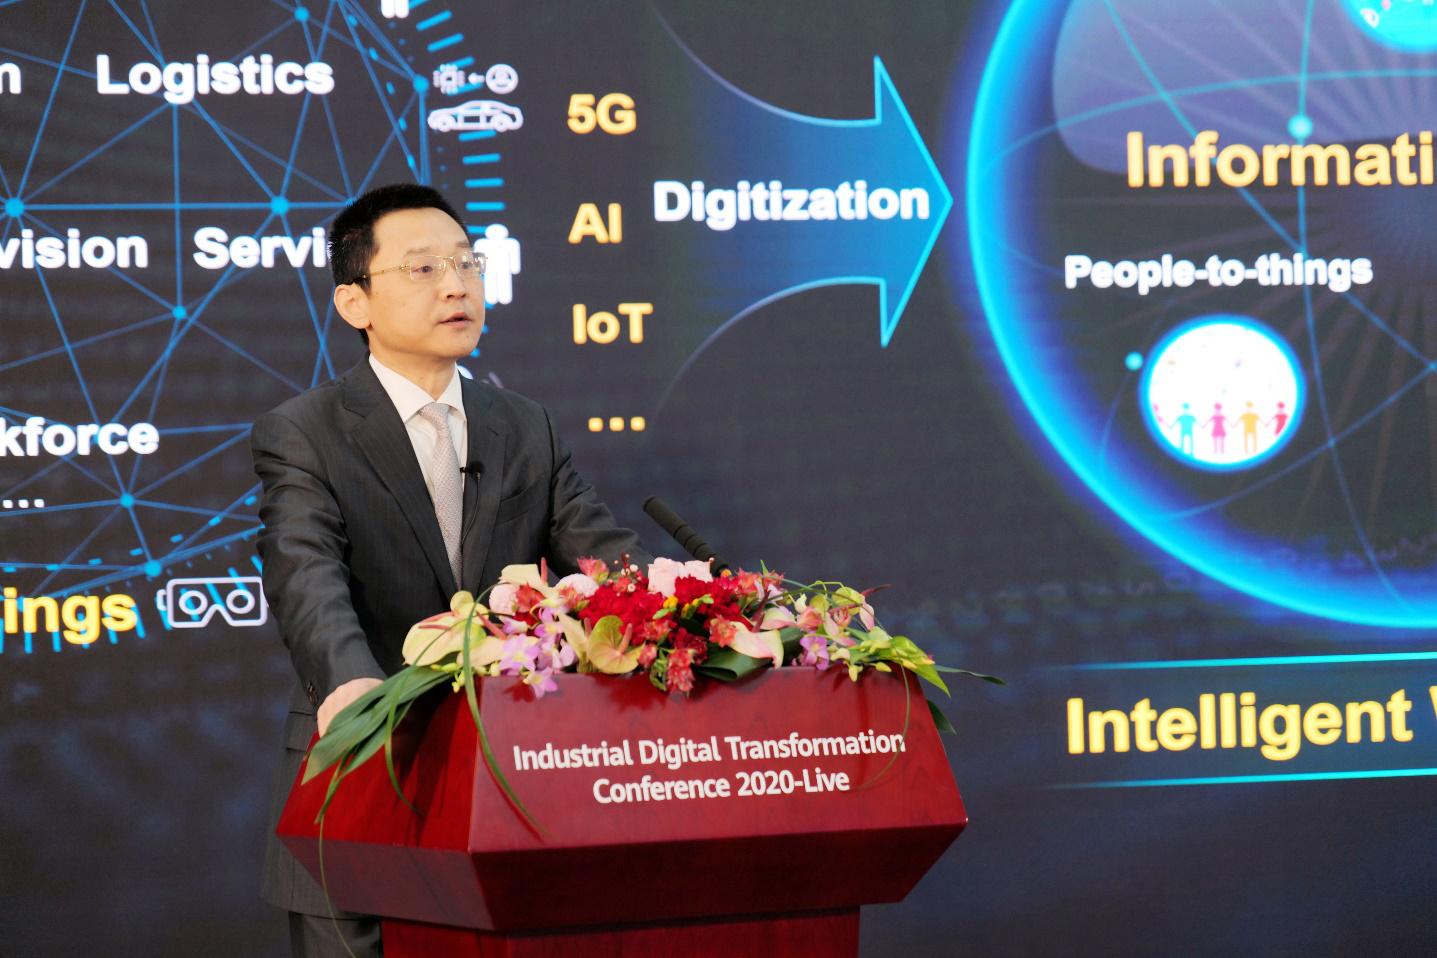 华为首次全球直播行业数字化转型大会   智能世界2030五大特征